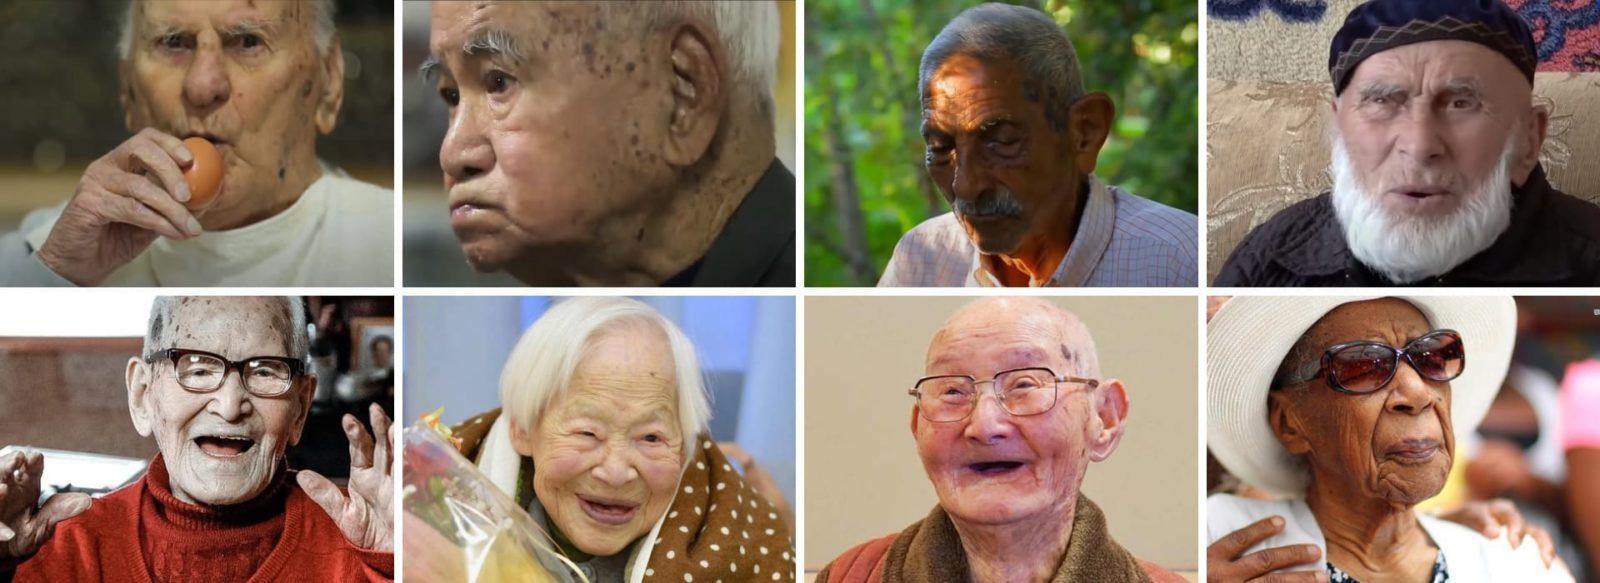 Средний возраст в мире